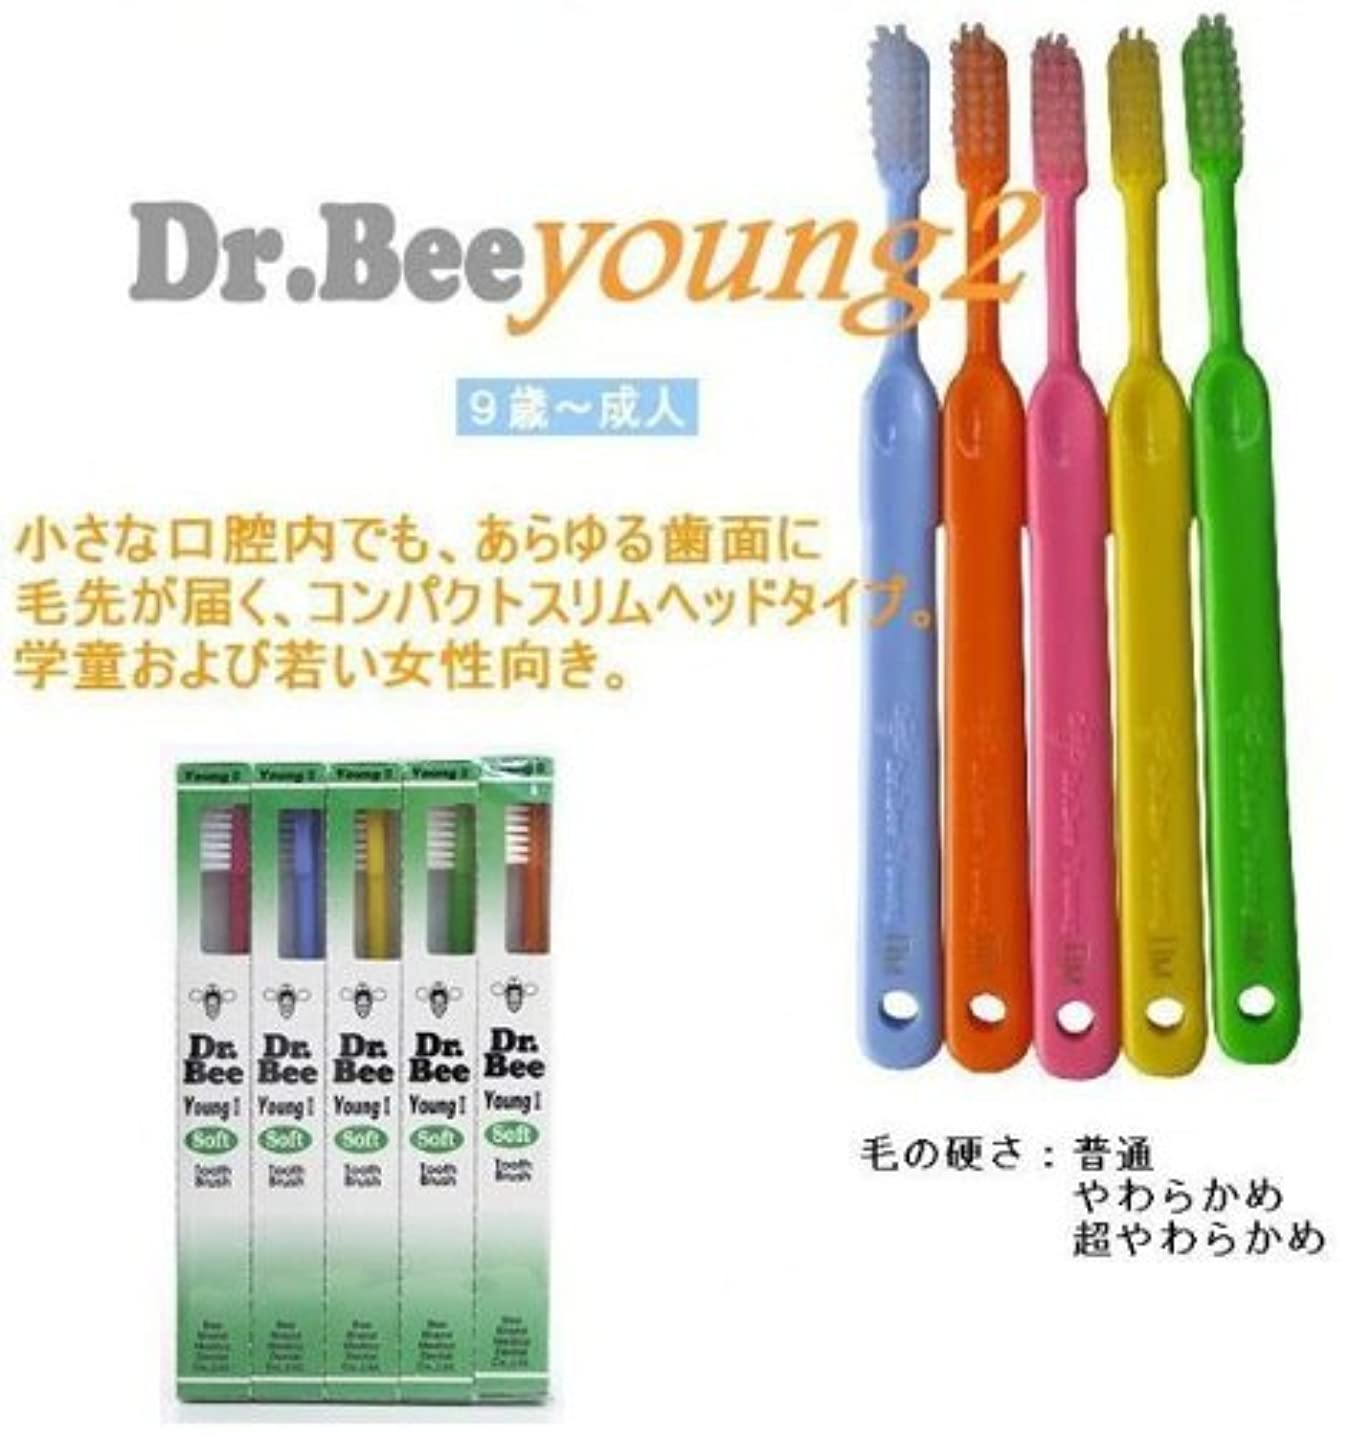 振るうセーブ長老BeeBrand Dr.BEE 歯ブラシ ヤングII ミディアム